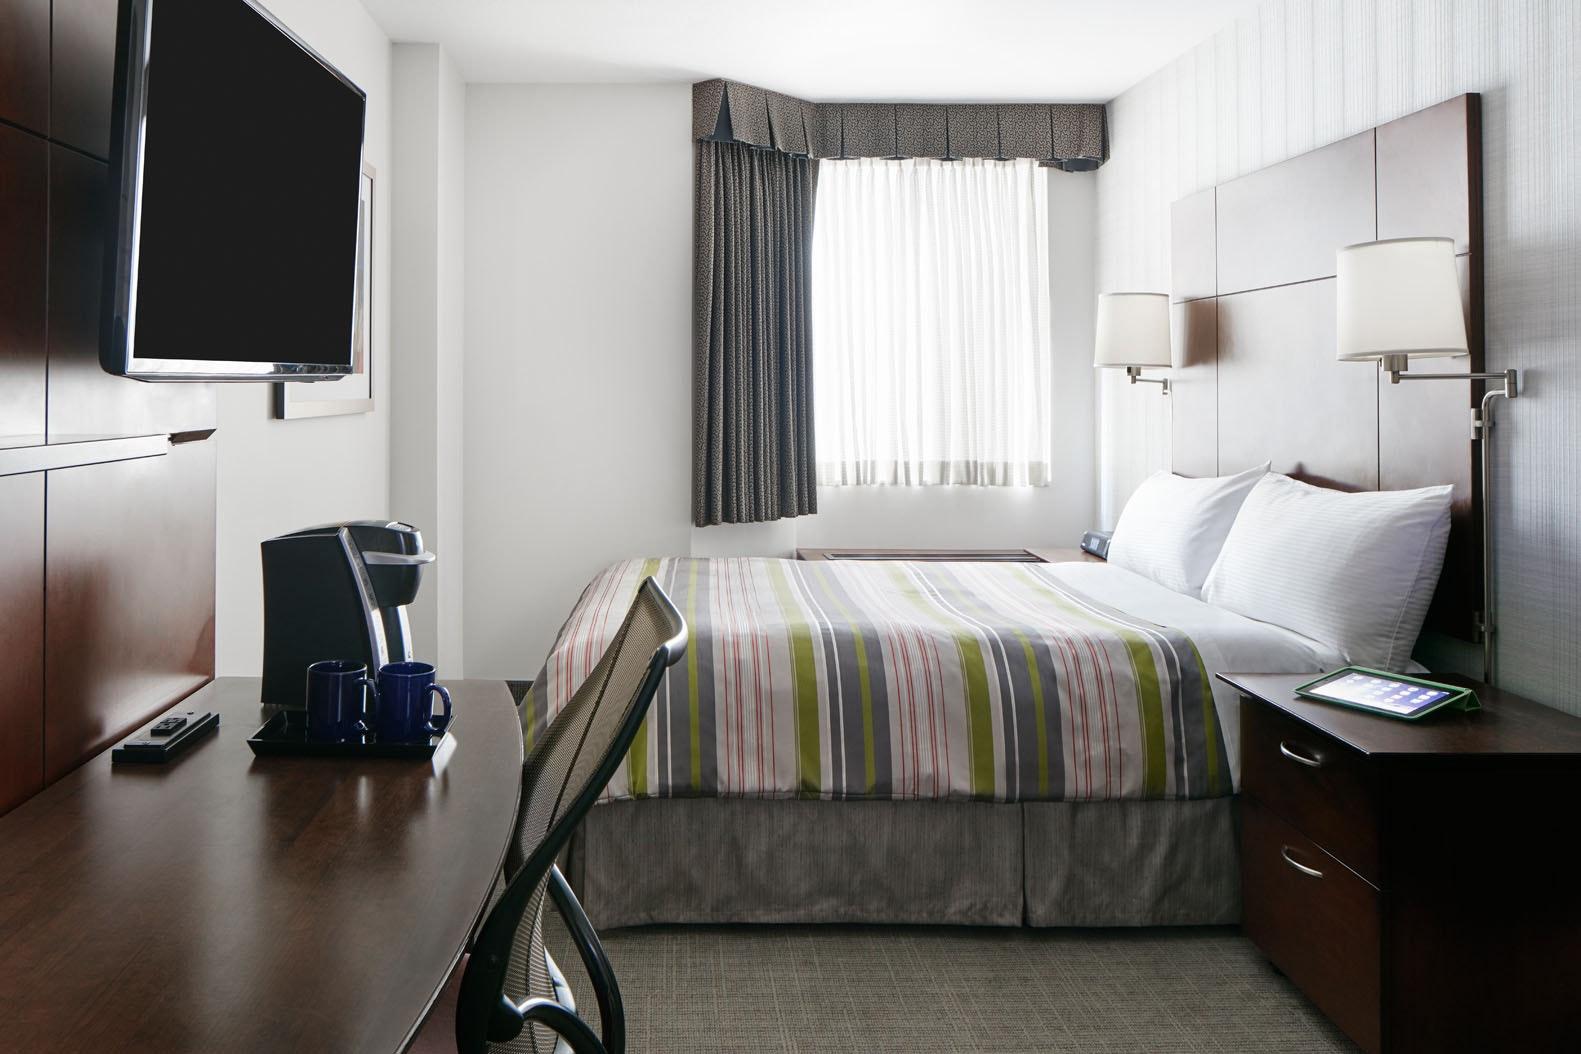 Club Room Club Quarters Hotel in San